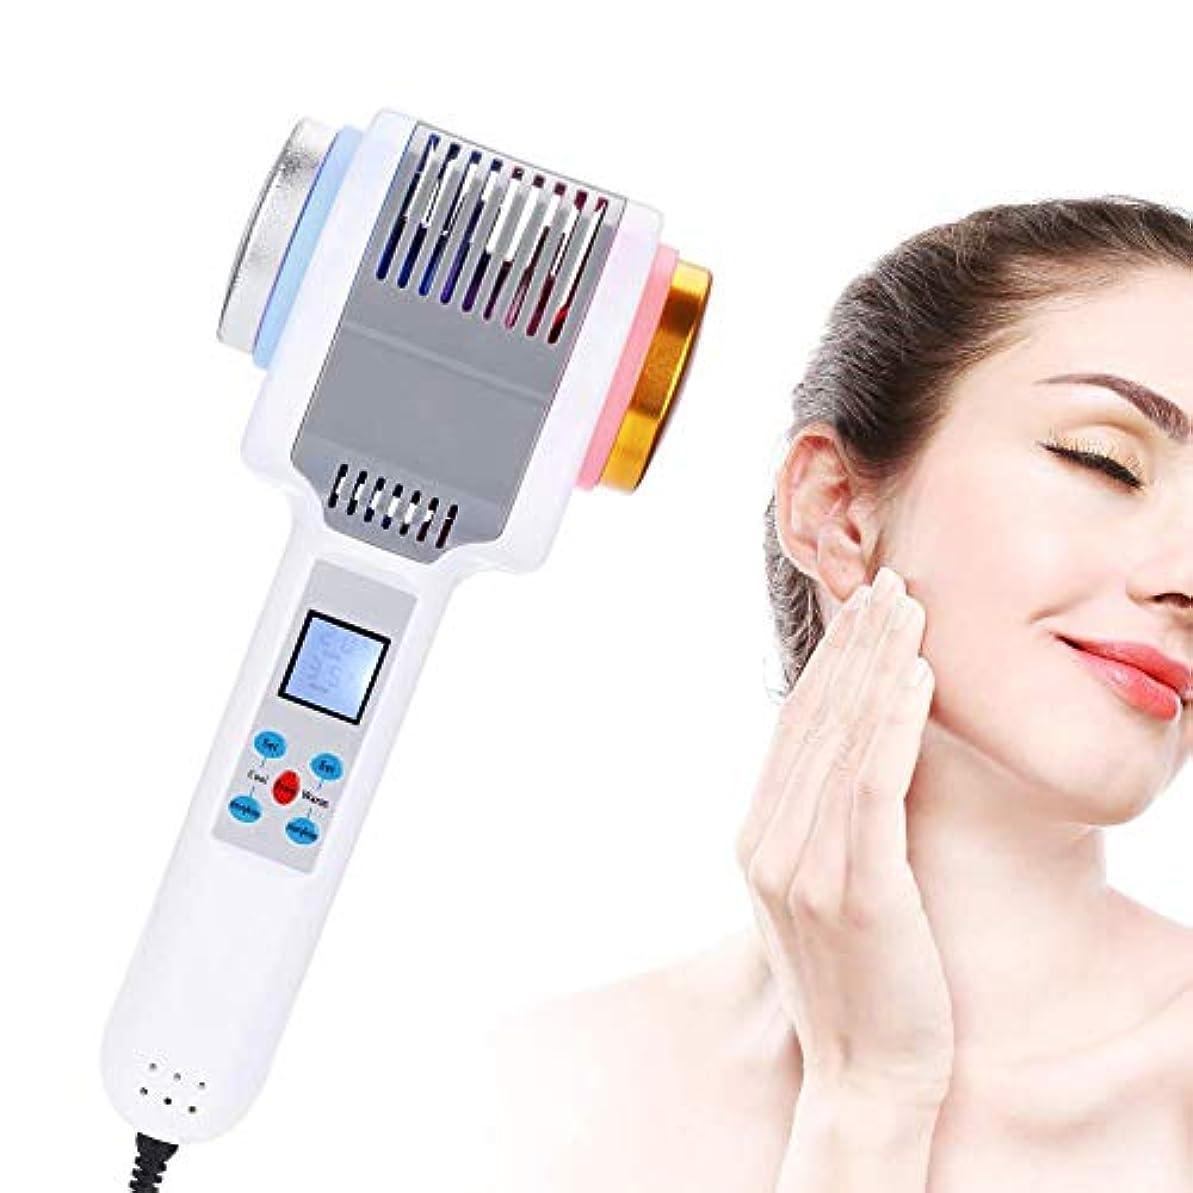 送金委任するクルーズ光子療法機ホット&コールドハンマーアイスファイアダブルヘッド振動マッサージ美容機器削除しわ明るい顔の引き締め美容若返りツール